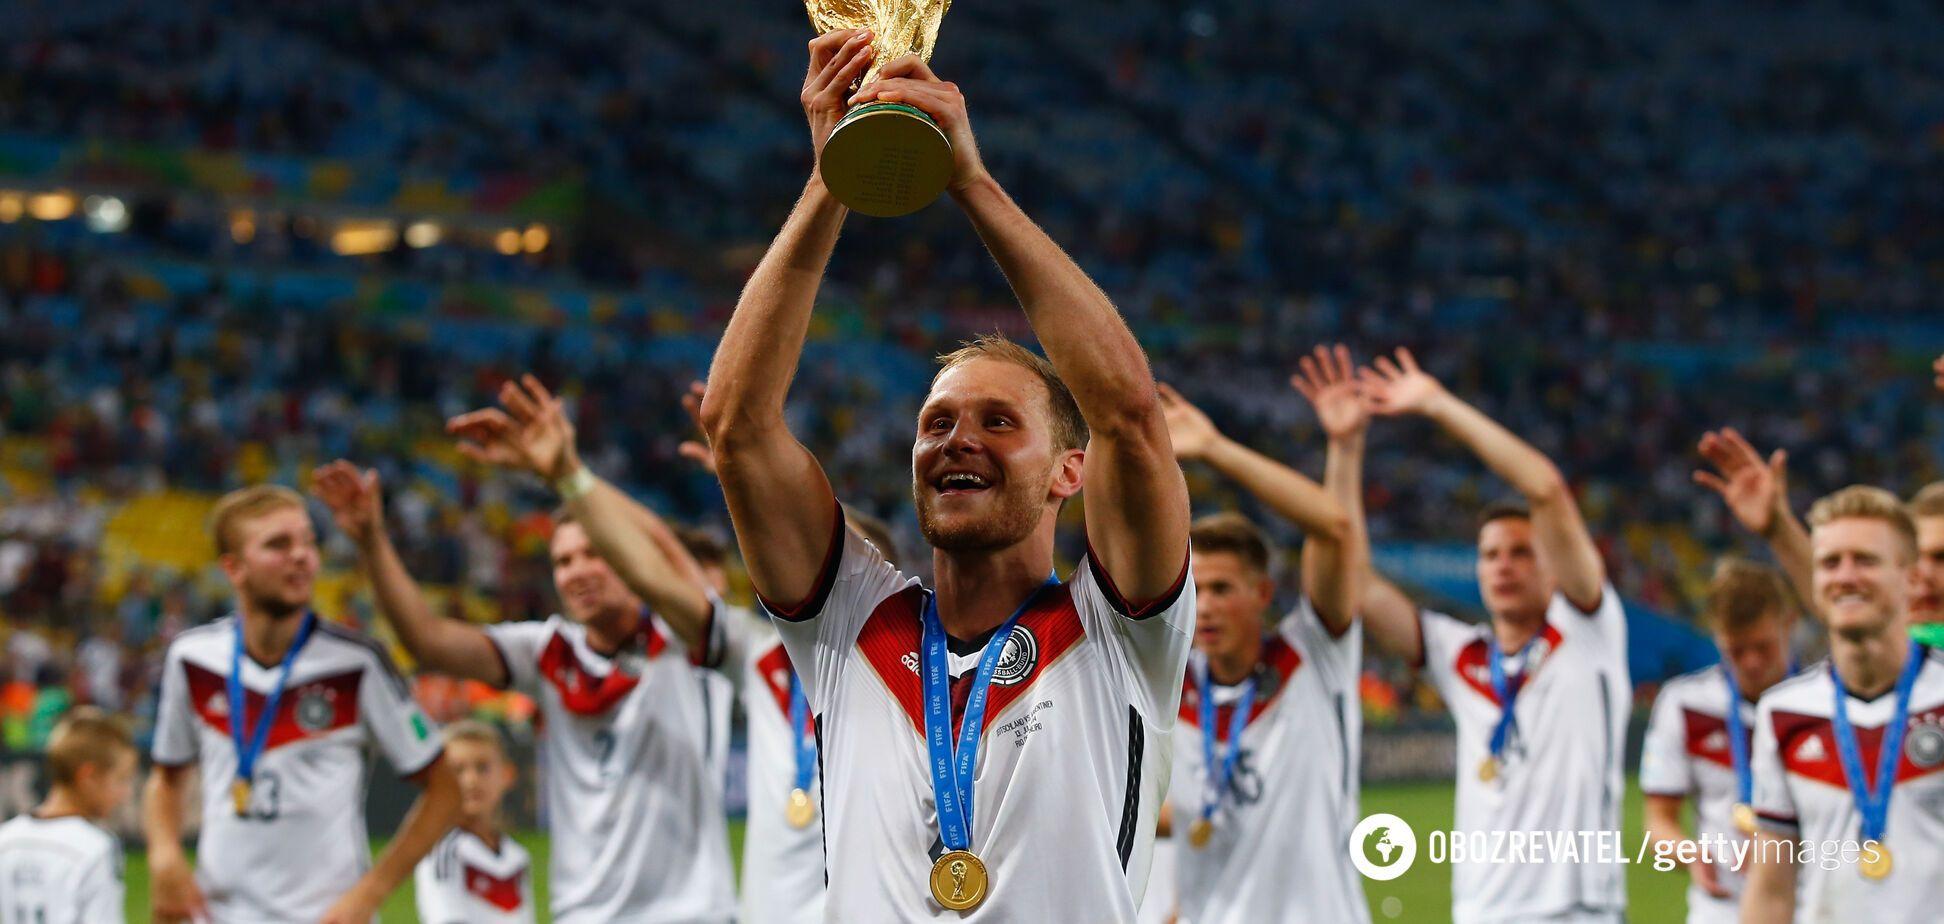 Чемпіон світу з футболу Бенедикт Геведес відмовився повертатися в Росію через коронавiрус